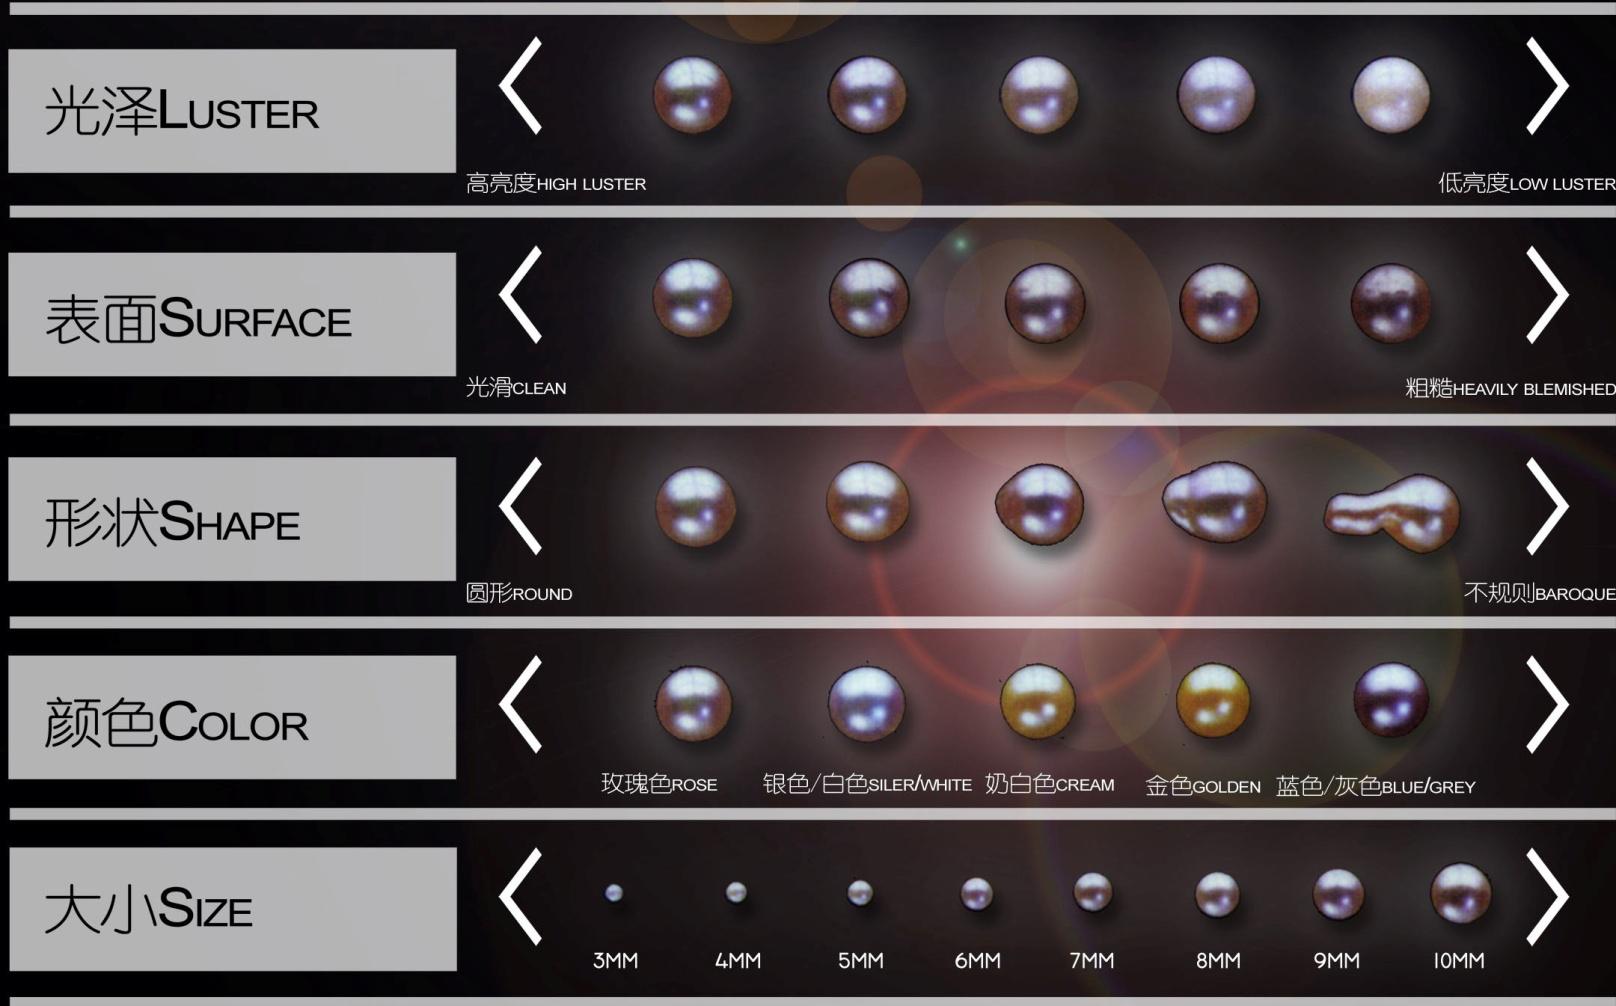 珍珠筛选图.png